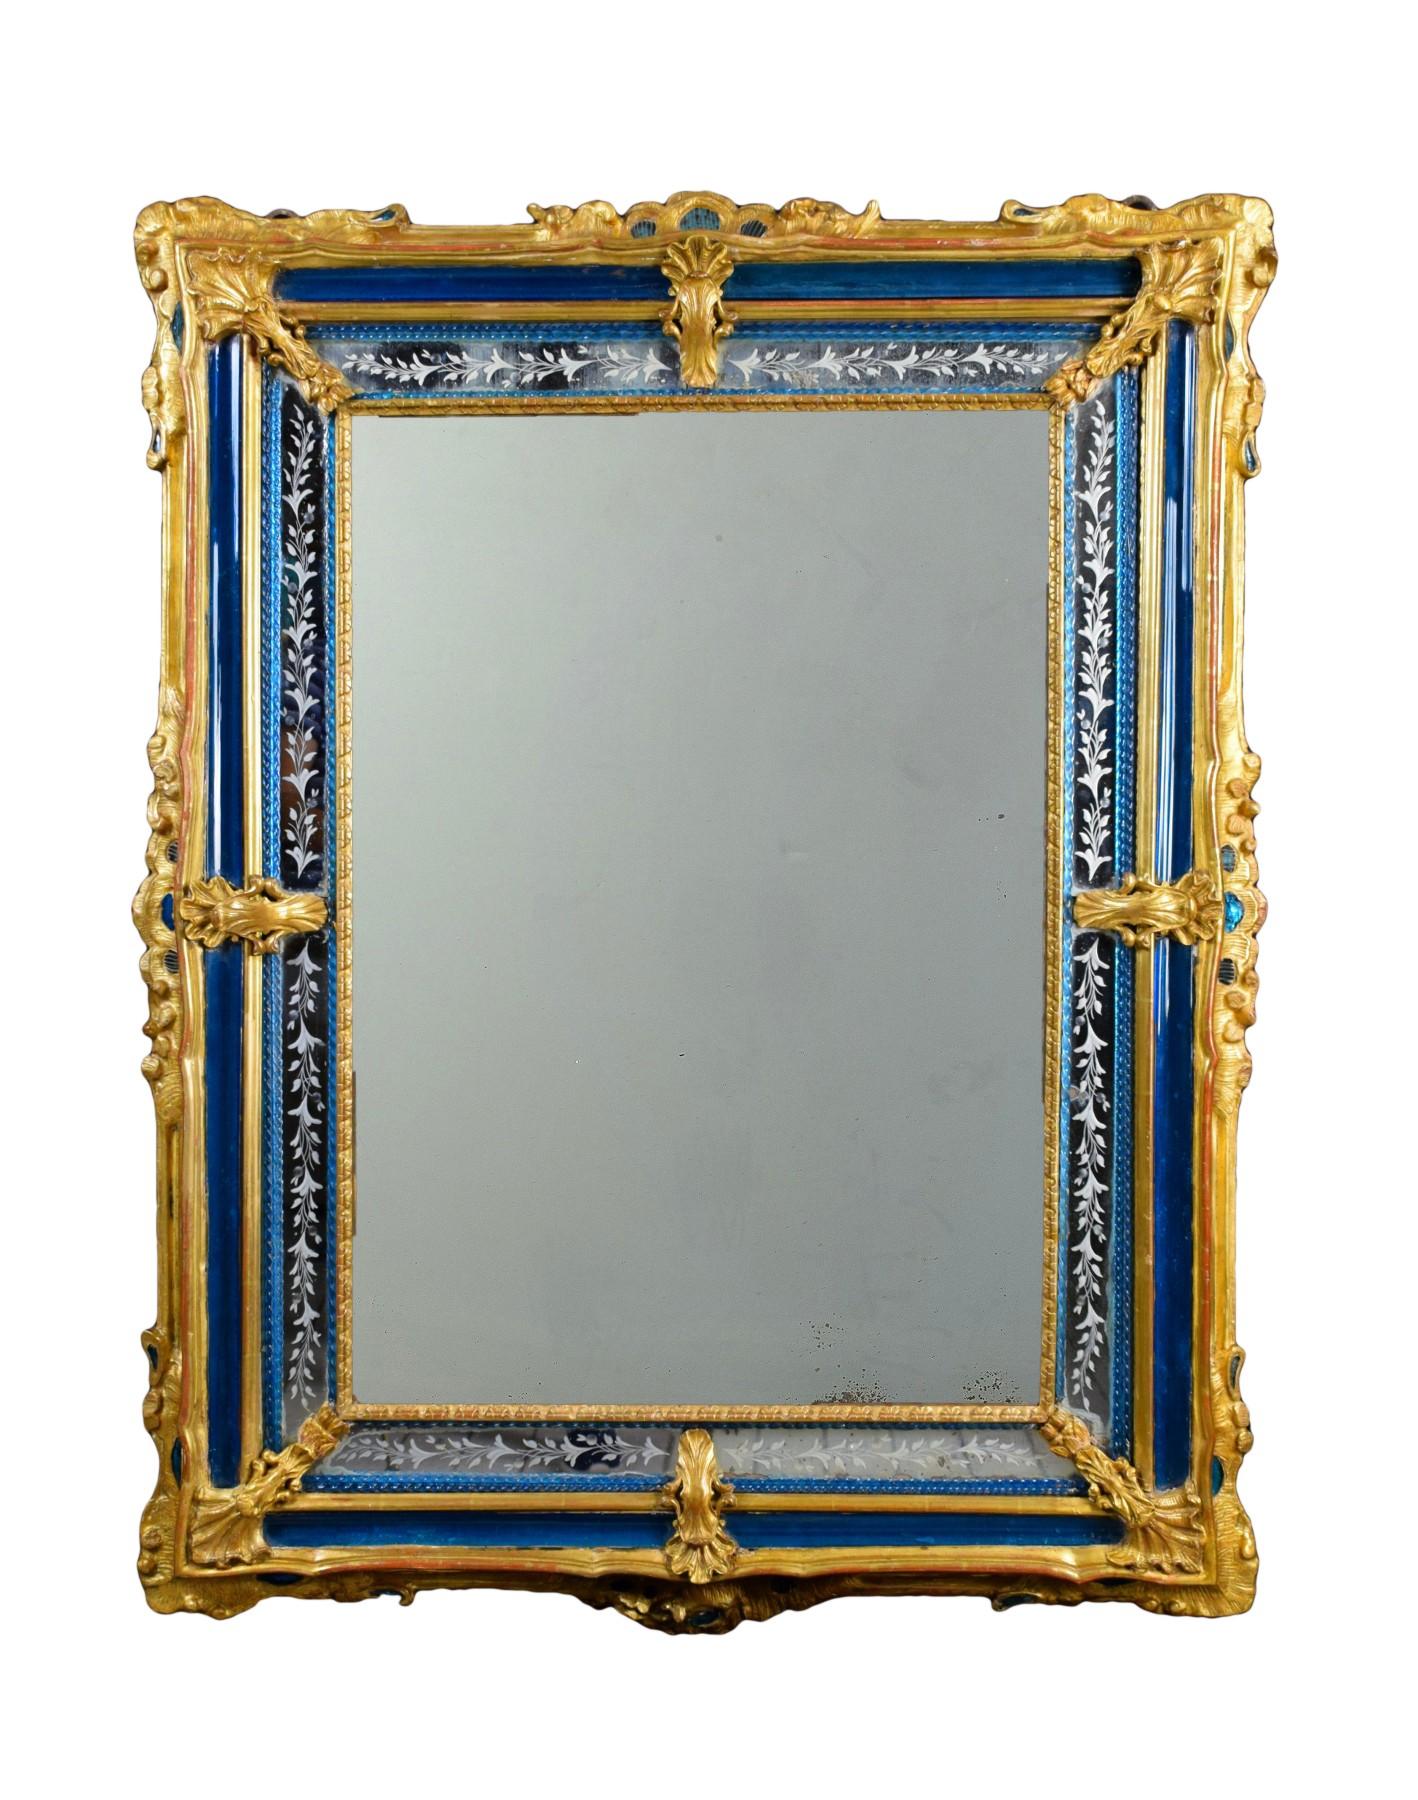 18th Century Venetian Wall Mirror Gilt Wood And Blu Murano Glass Ref 78828